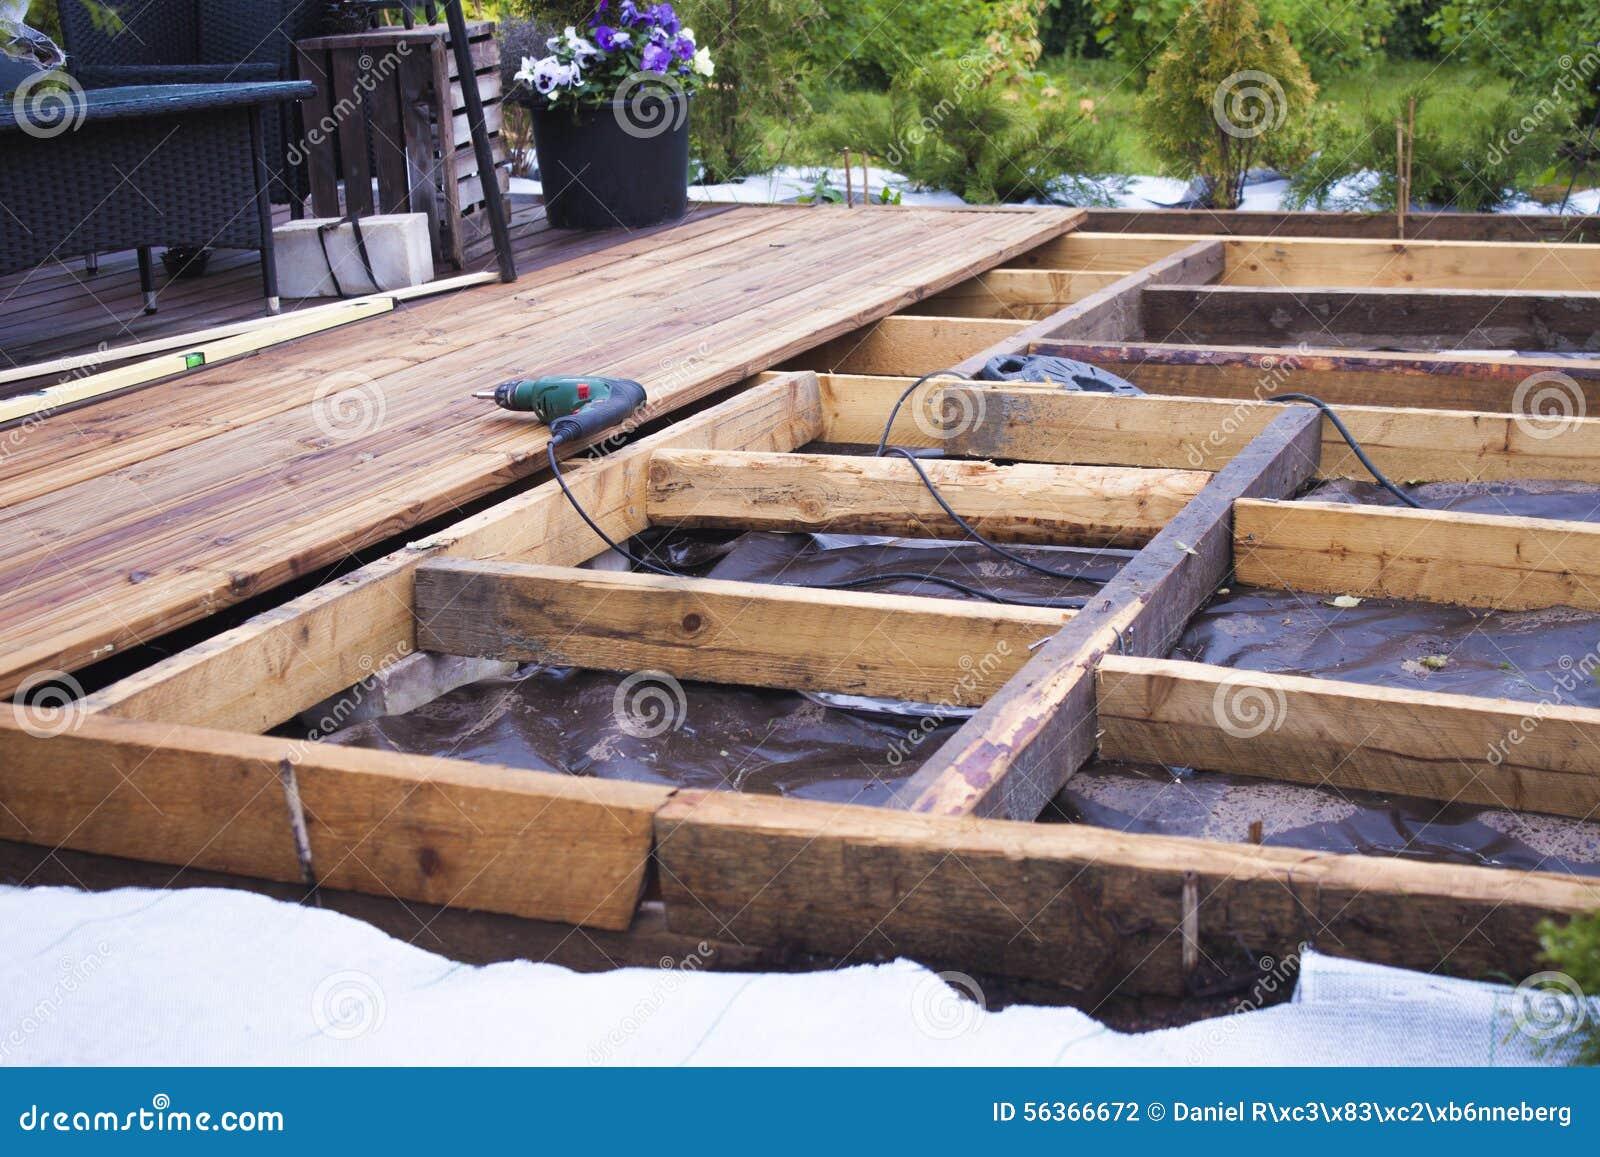 Construindo Um Terraço De Madeira Foto de Stock Imagem: 56366672 #8D663E 1300x957